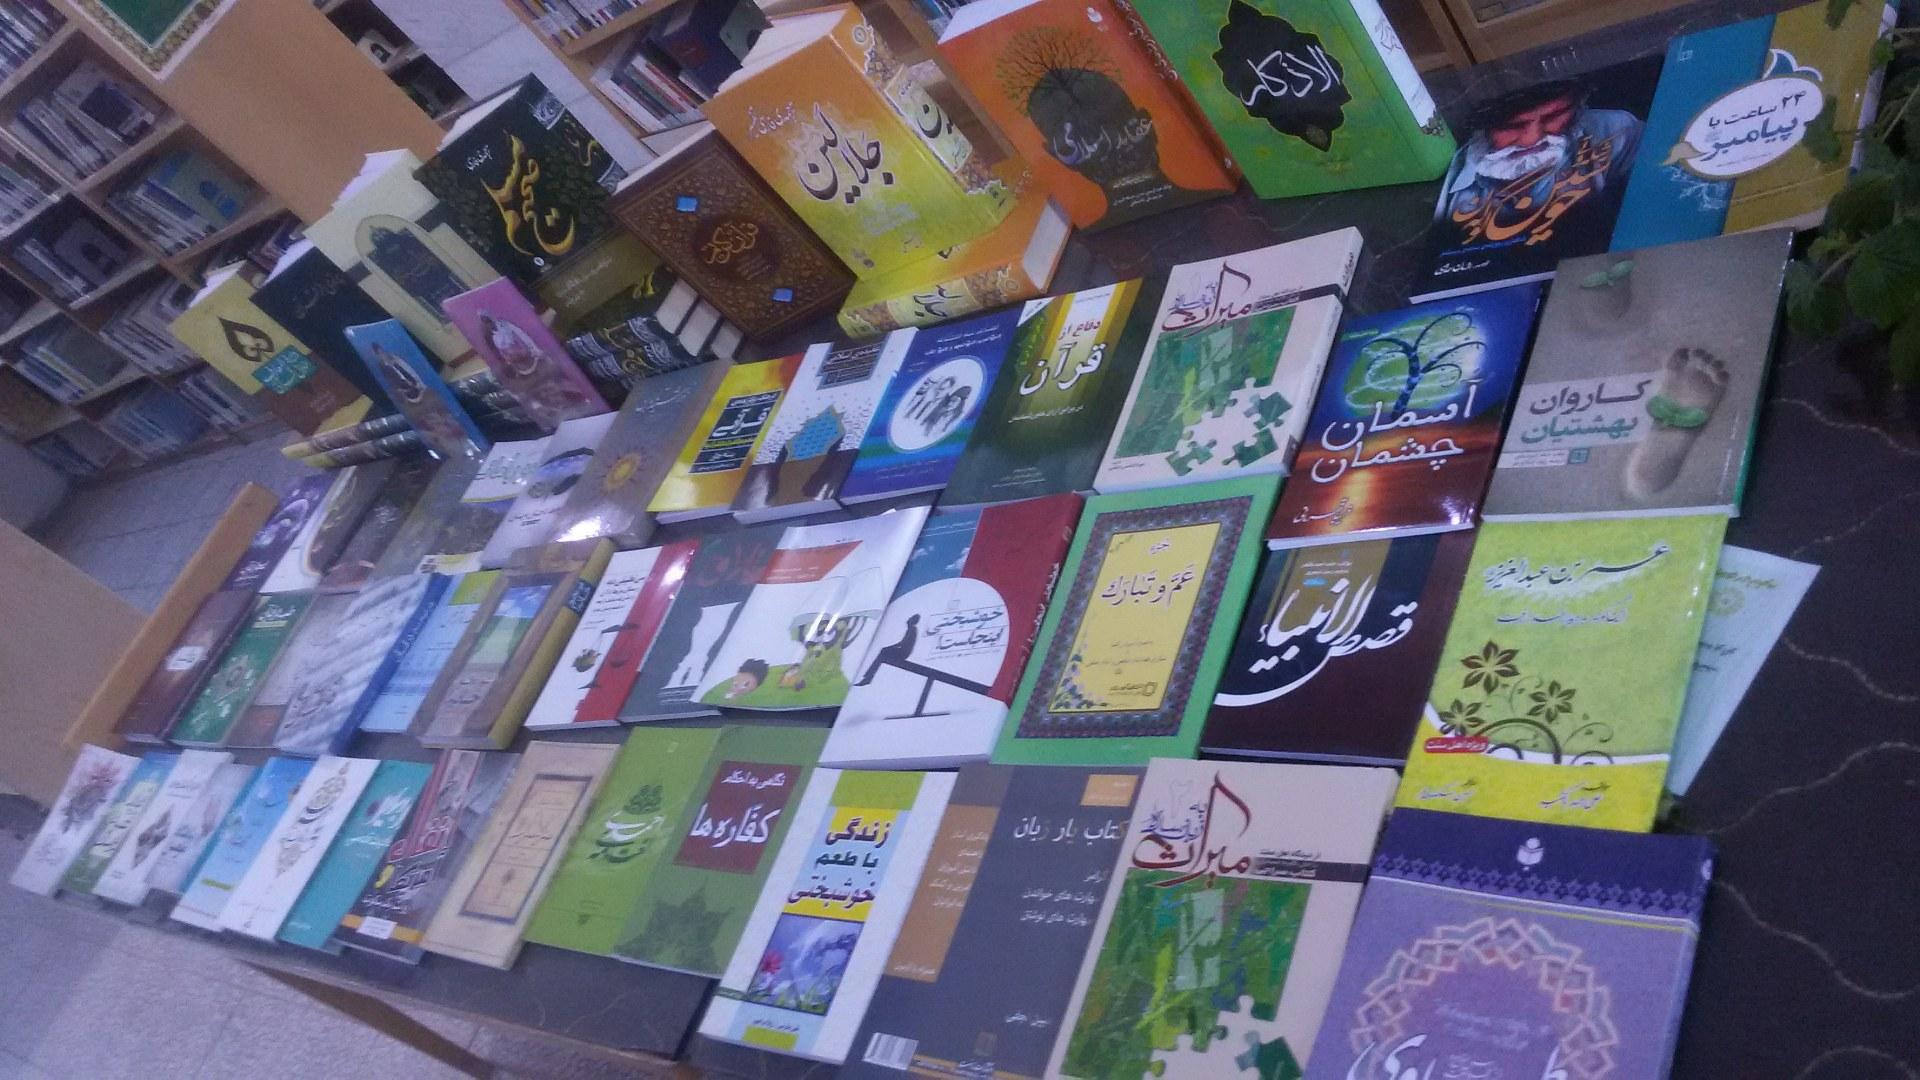 کتابهای اهل سنت در کتابخانه عمومی وحدت پاوه